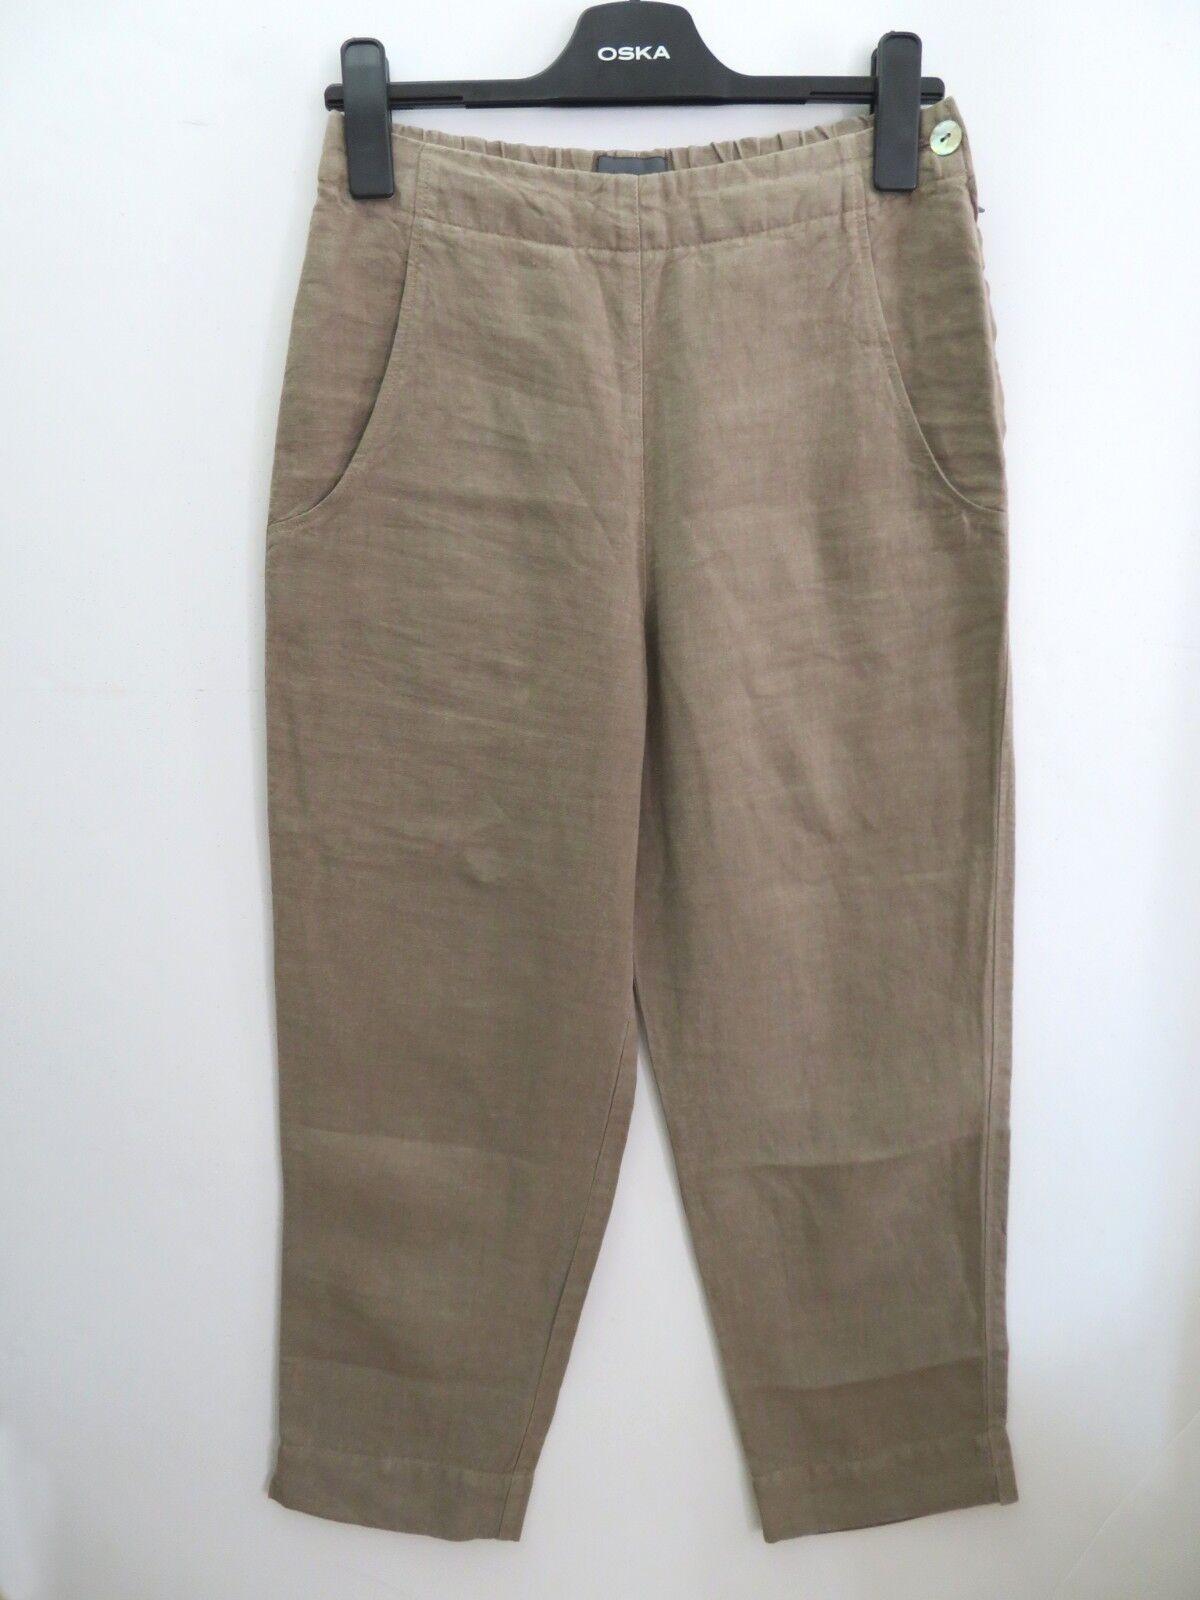 OSKA Größe 1, BEIGE 100% Linen COCOON Trousers Side Pockets LAGENLOOK ARTY BOHO